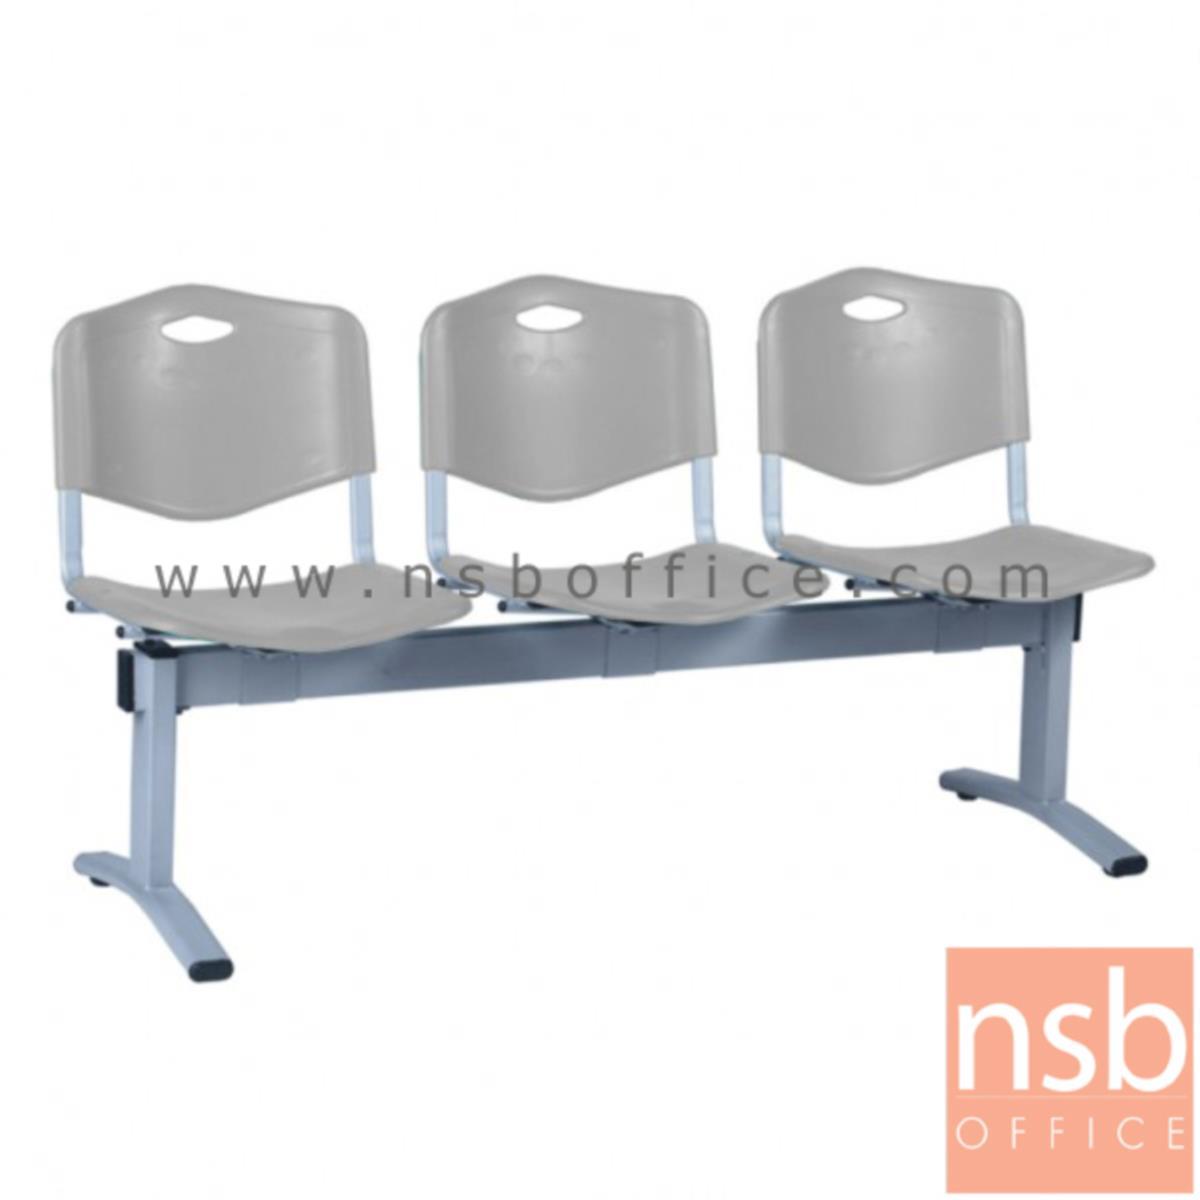 เก้าอี้นั่งคอยเฟรมโพลี่ รุ่น B908 2 ,3 ,4 ที่นั่ง ขนาด 99W ,152W ,205W cm. ขาเหล็ก